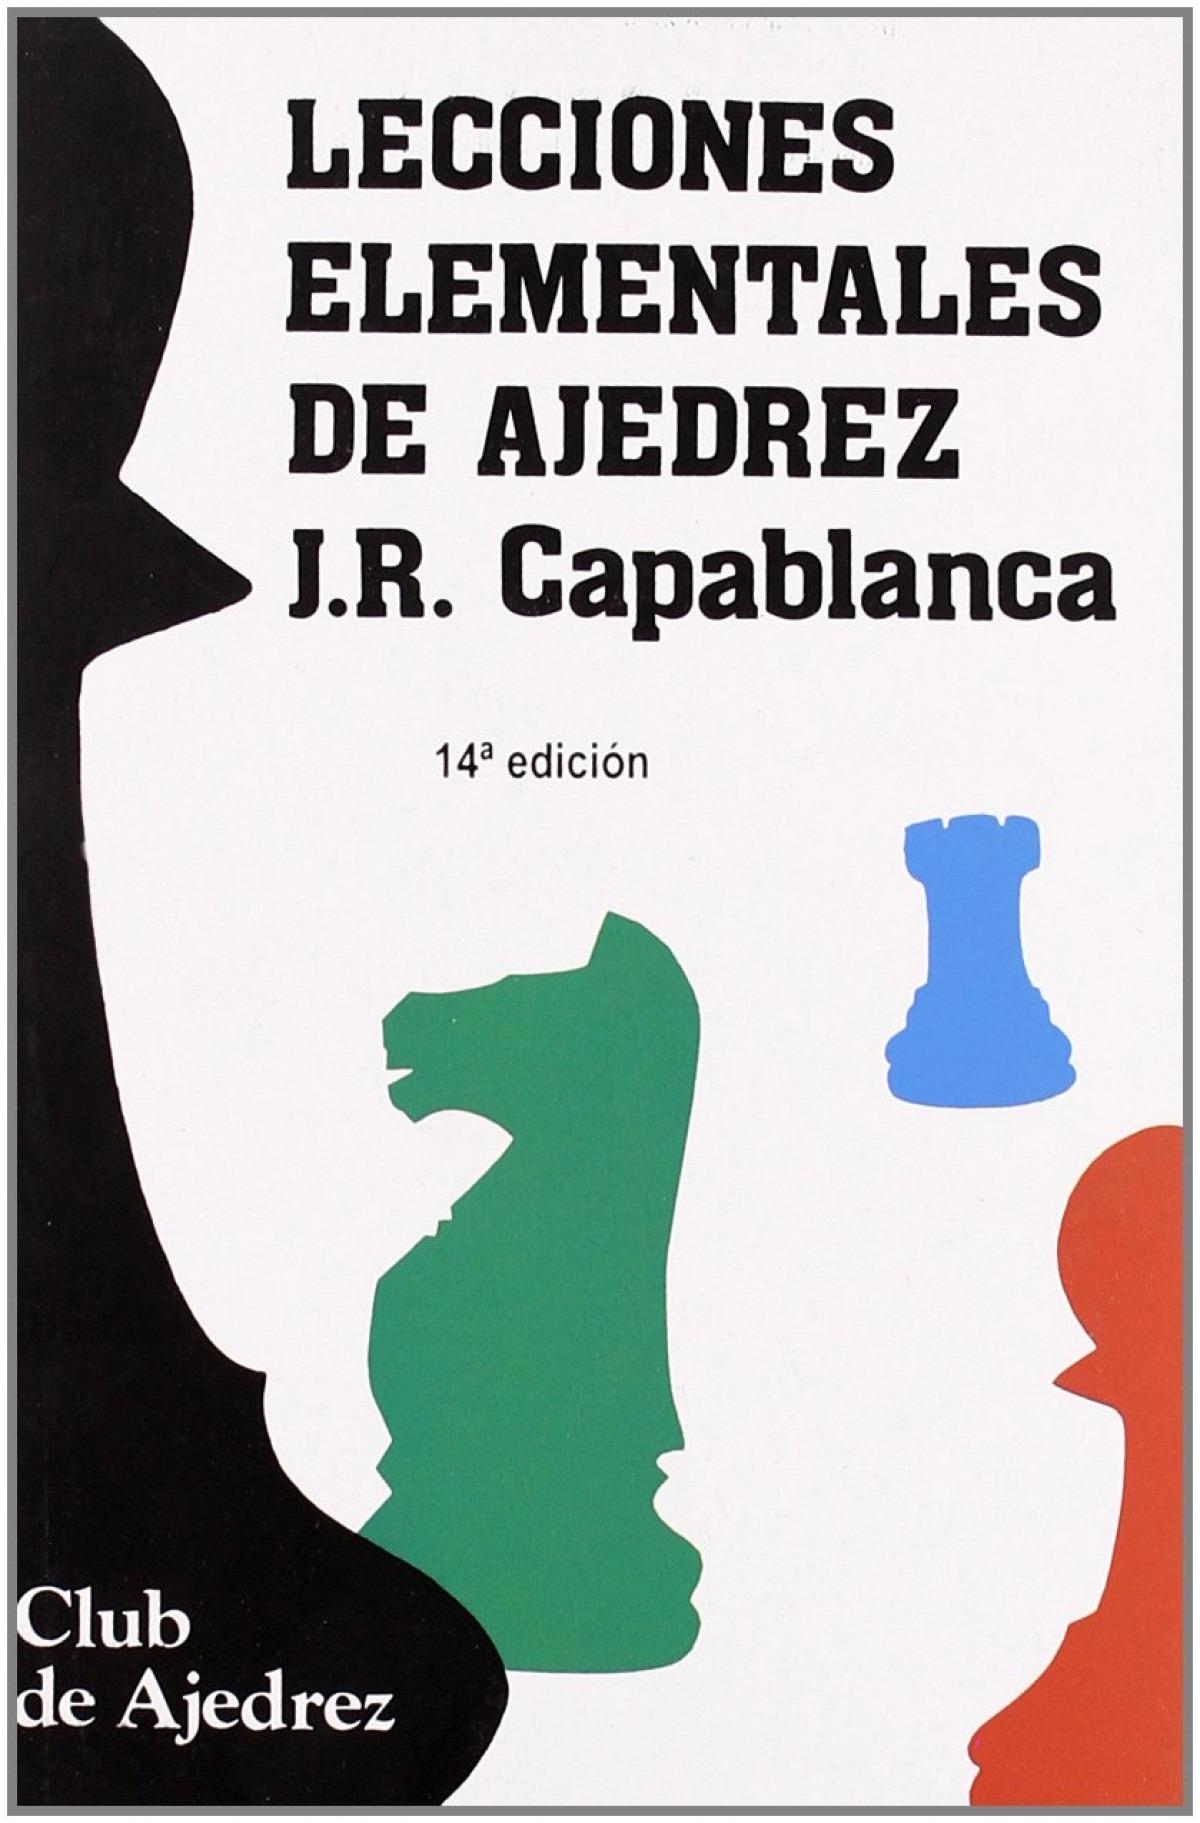 Lecciones elementales de ajedrez 9788424503307